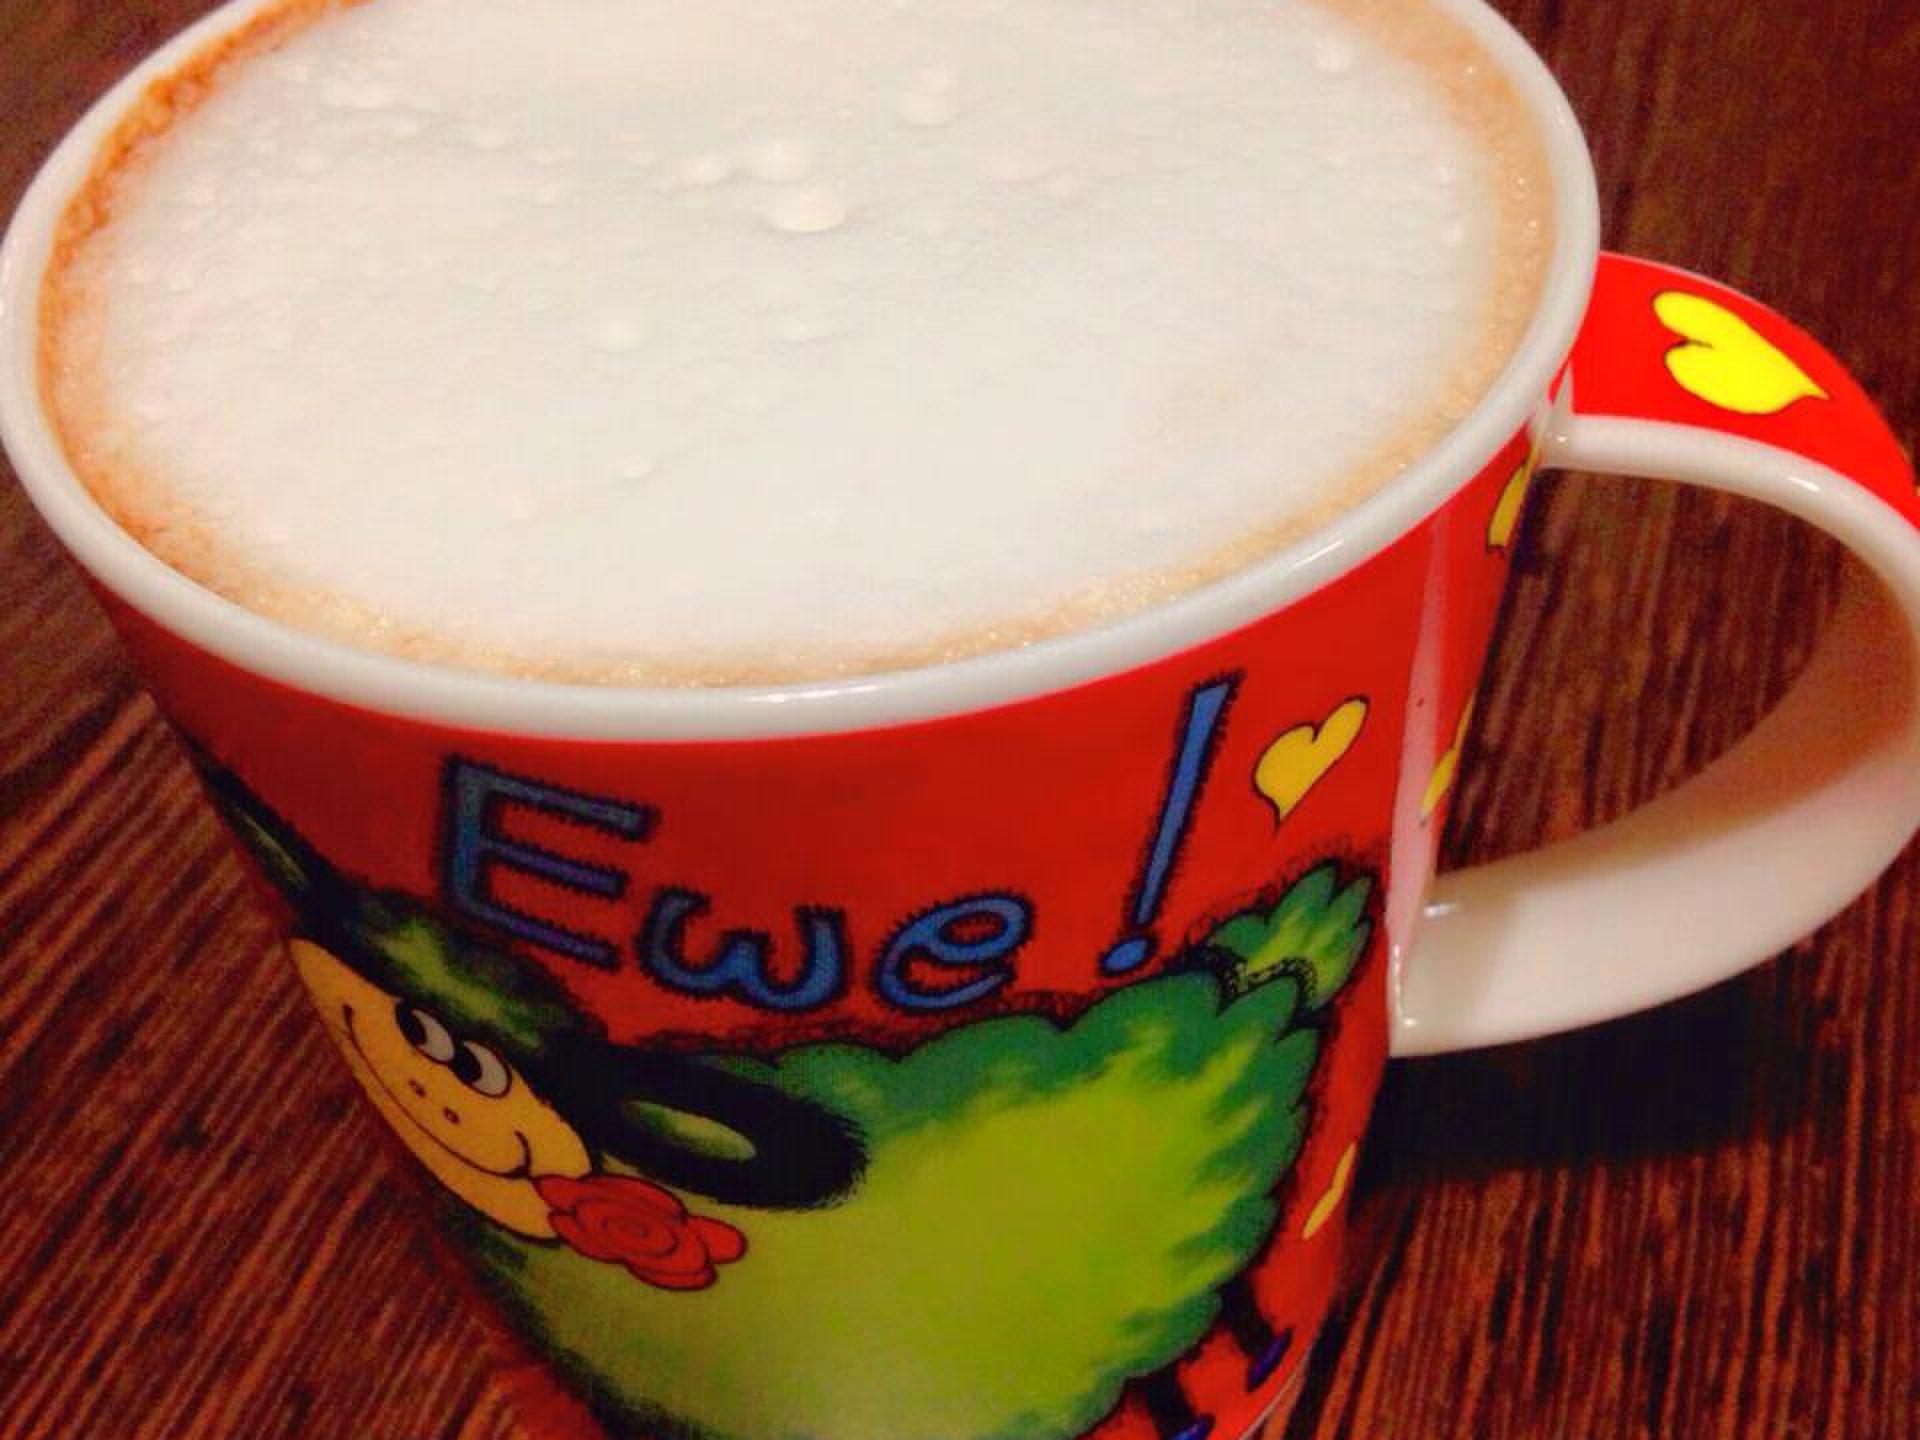 スタバ風! おうちで簡単、ふわふわのフォームミルクの作り方♪